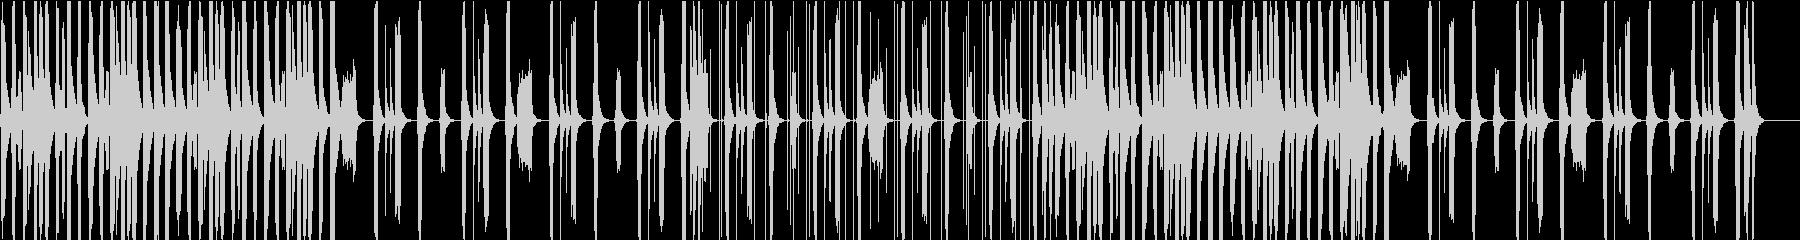 ほのぼのと可愛らしいBGMの未再生の波形